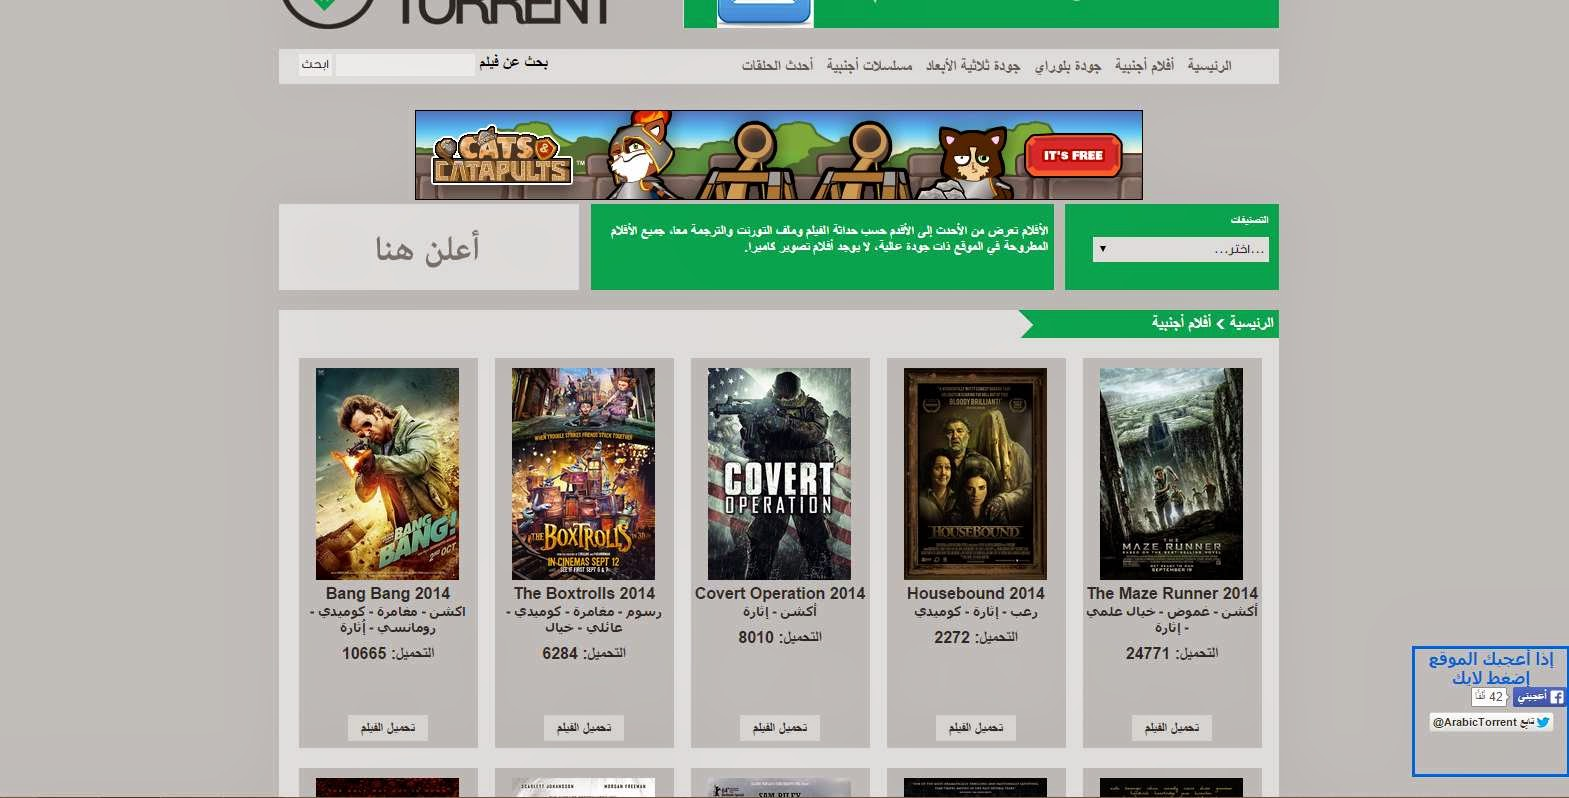 مواقع تحميل افلام عربى تورنت